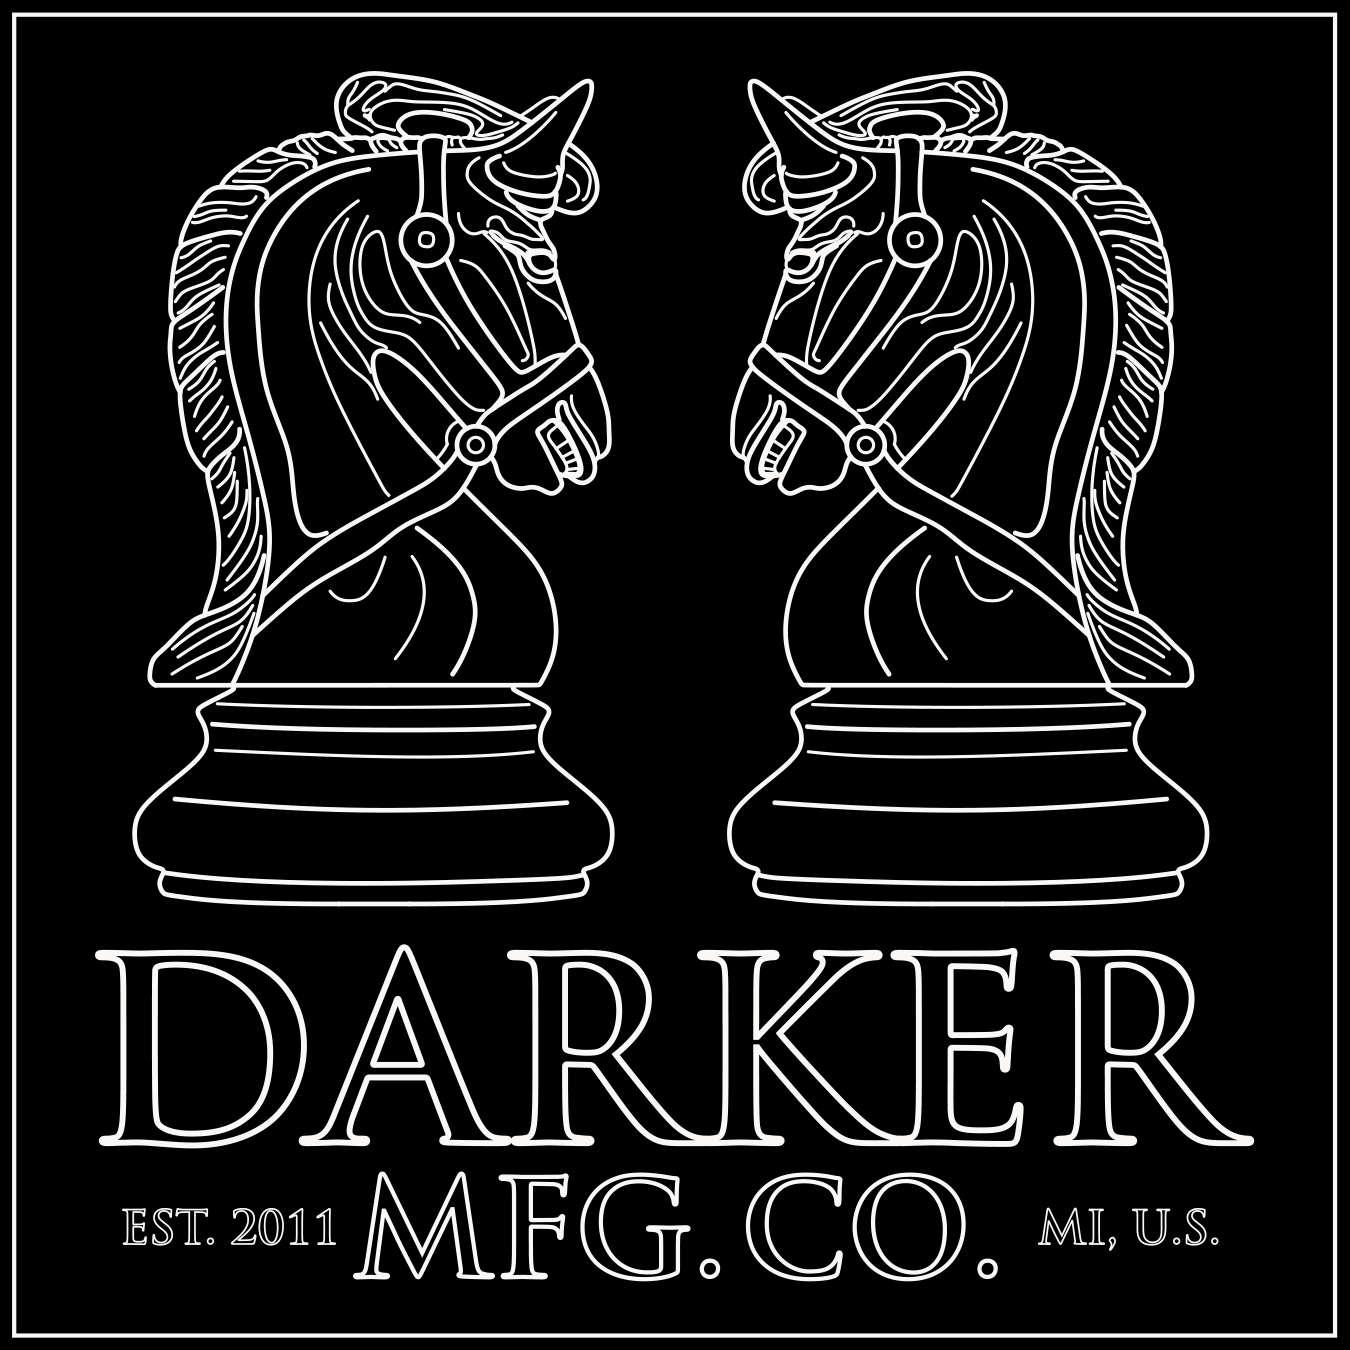 darker logo black background.jpg